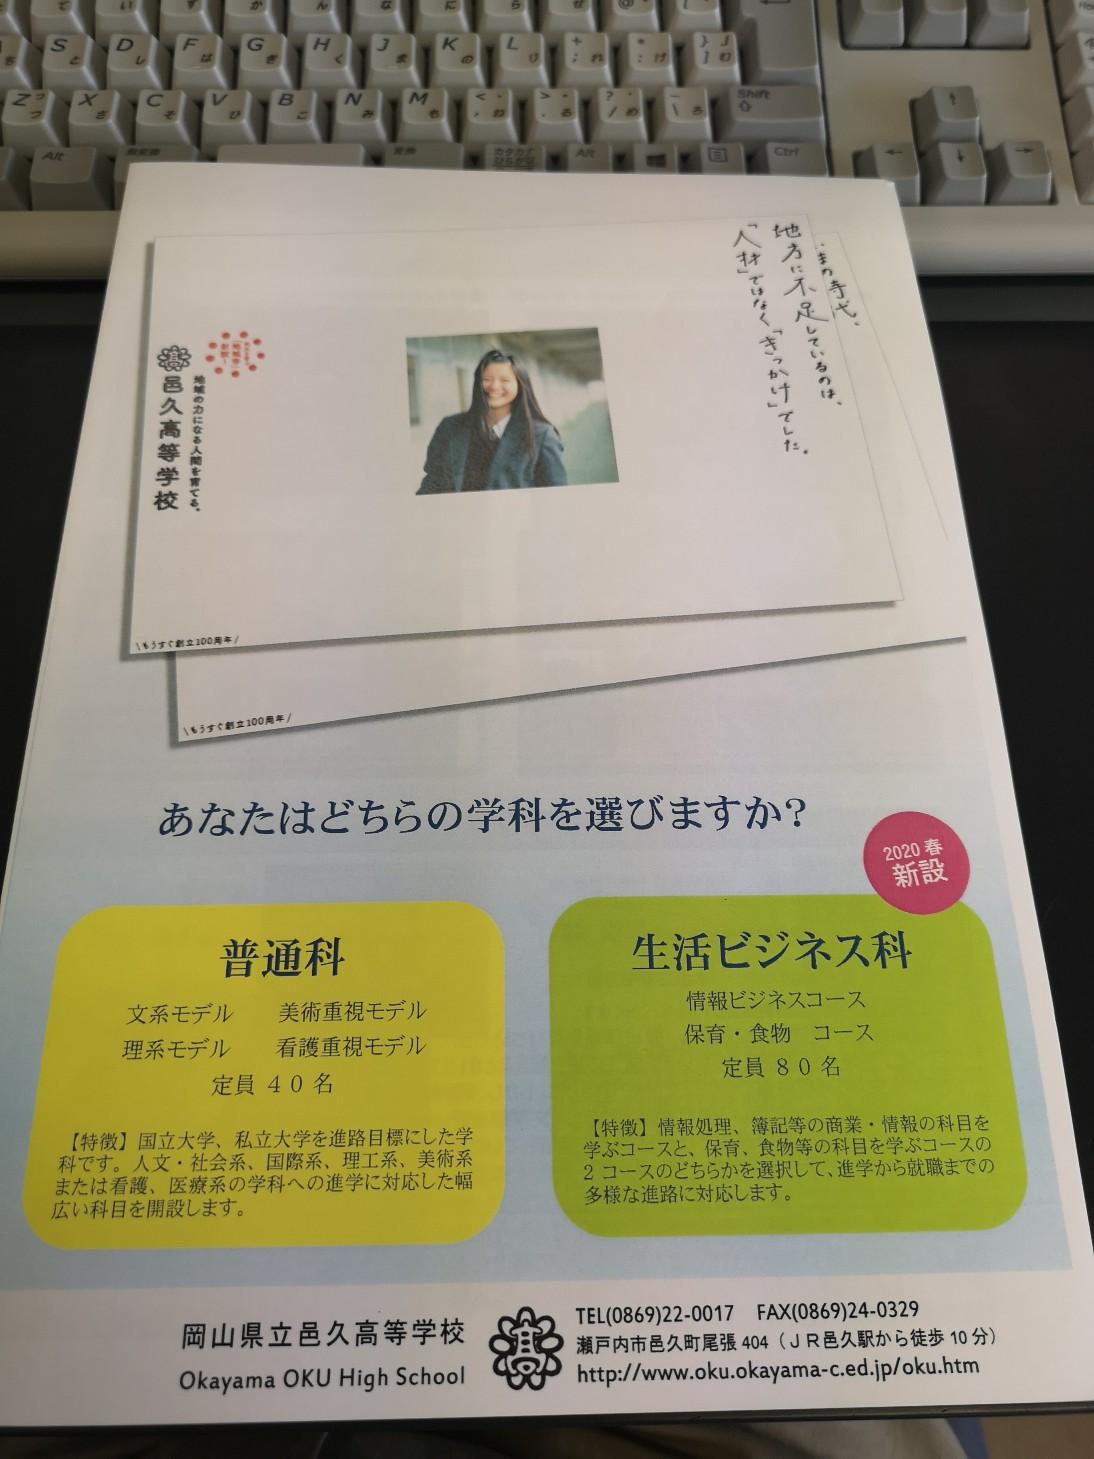 20190515_邑久高校地域学セトリー (6)